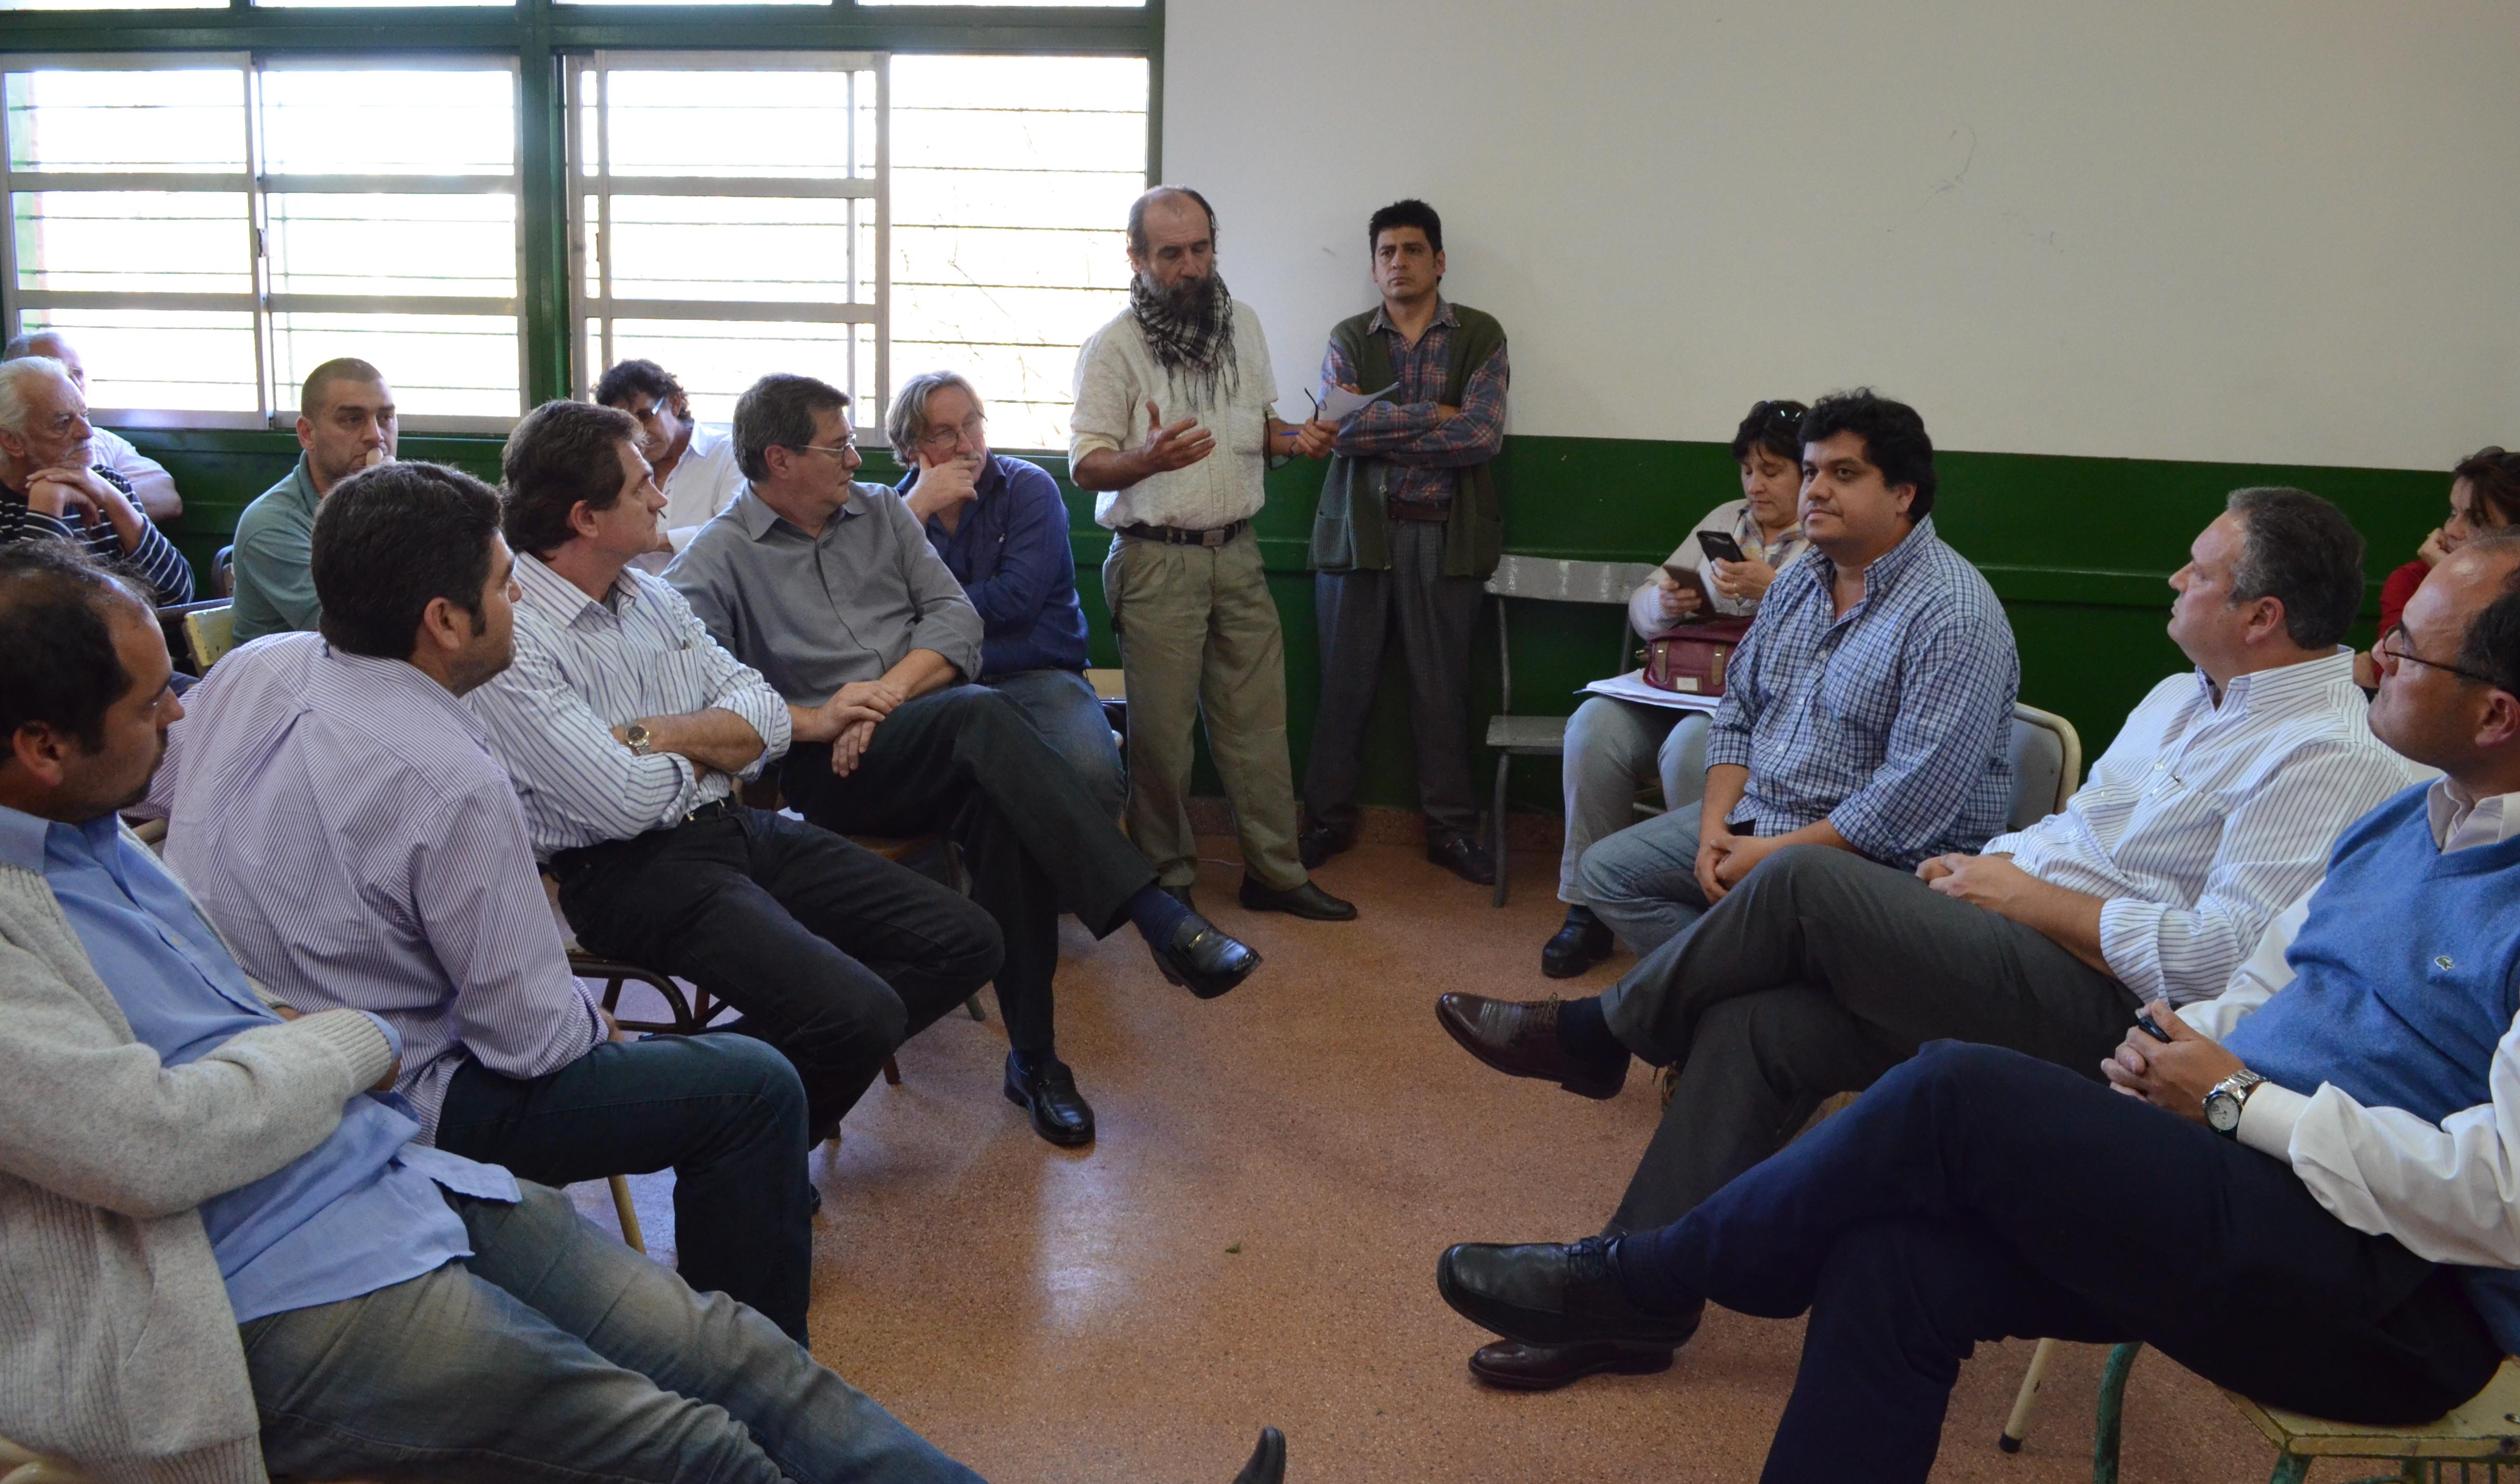 El subsecretario de Educación se reunió con padres, alumnos y docentes de la Epet 3 de Oberá